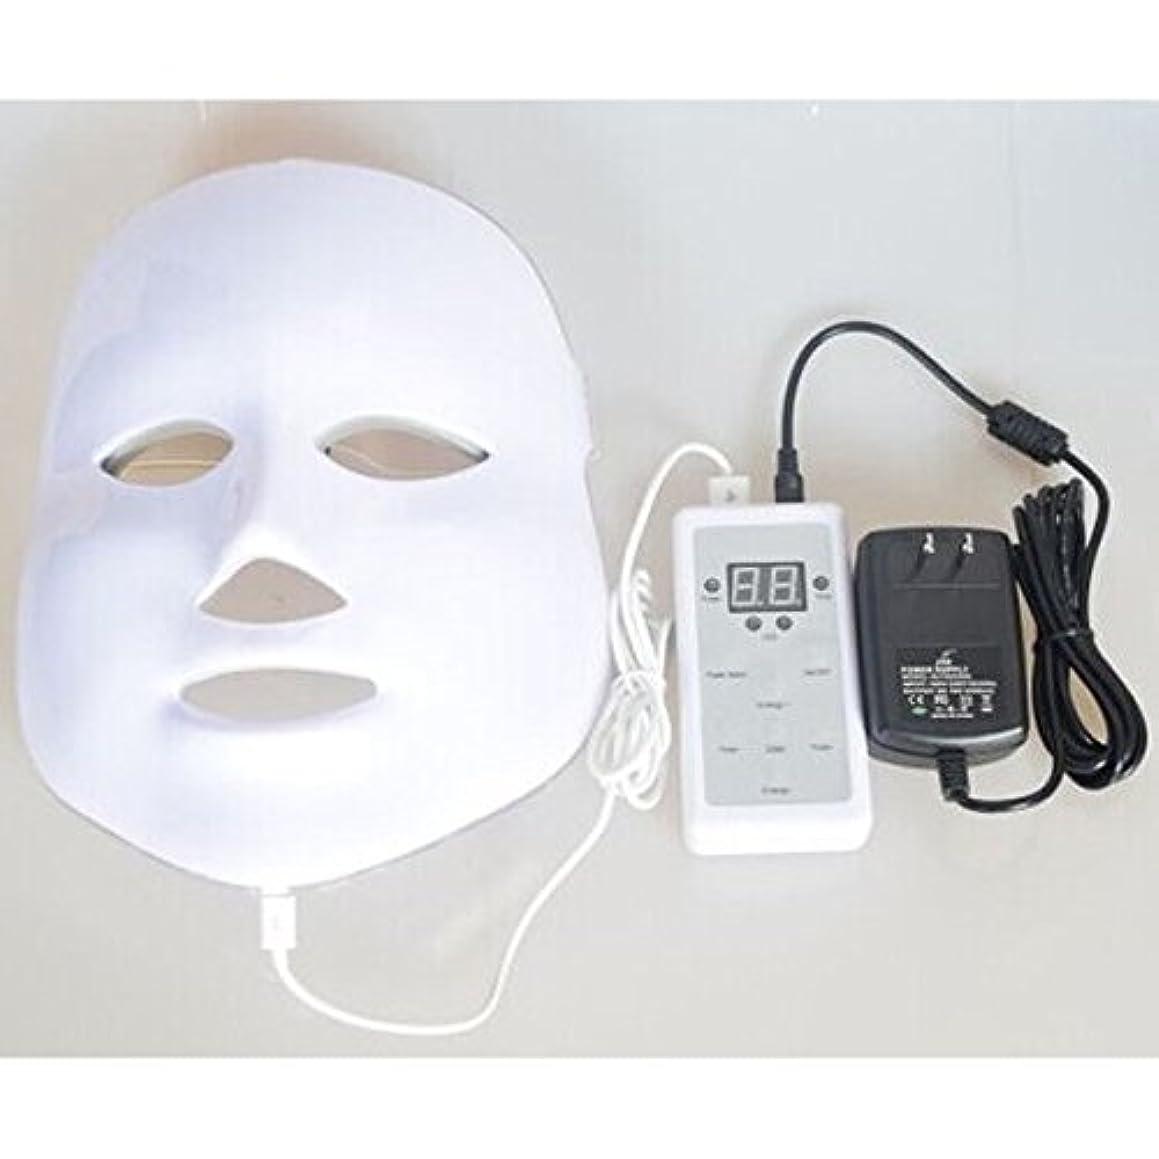 マトン驚くべき静脈LED美顔器 7色 美顔マスク 美容 たるみ ほうれい線 美肌 ニキビ対策 コラーゲン生成 美白 エイジングケア